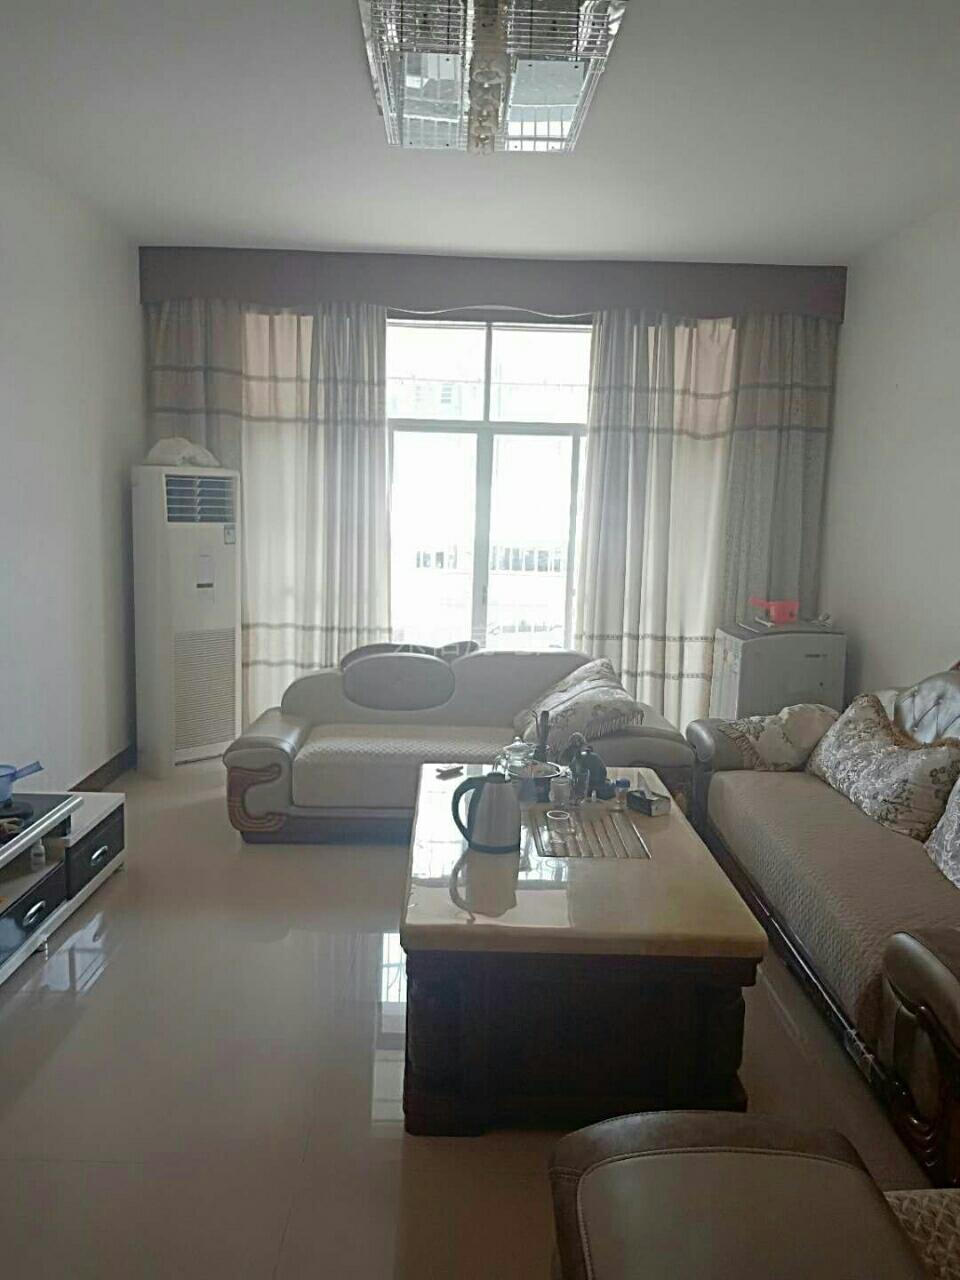 君丰小区+九洲江世纪花园4室2厅2卫58万元